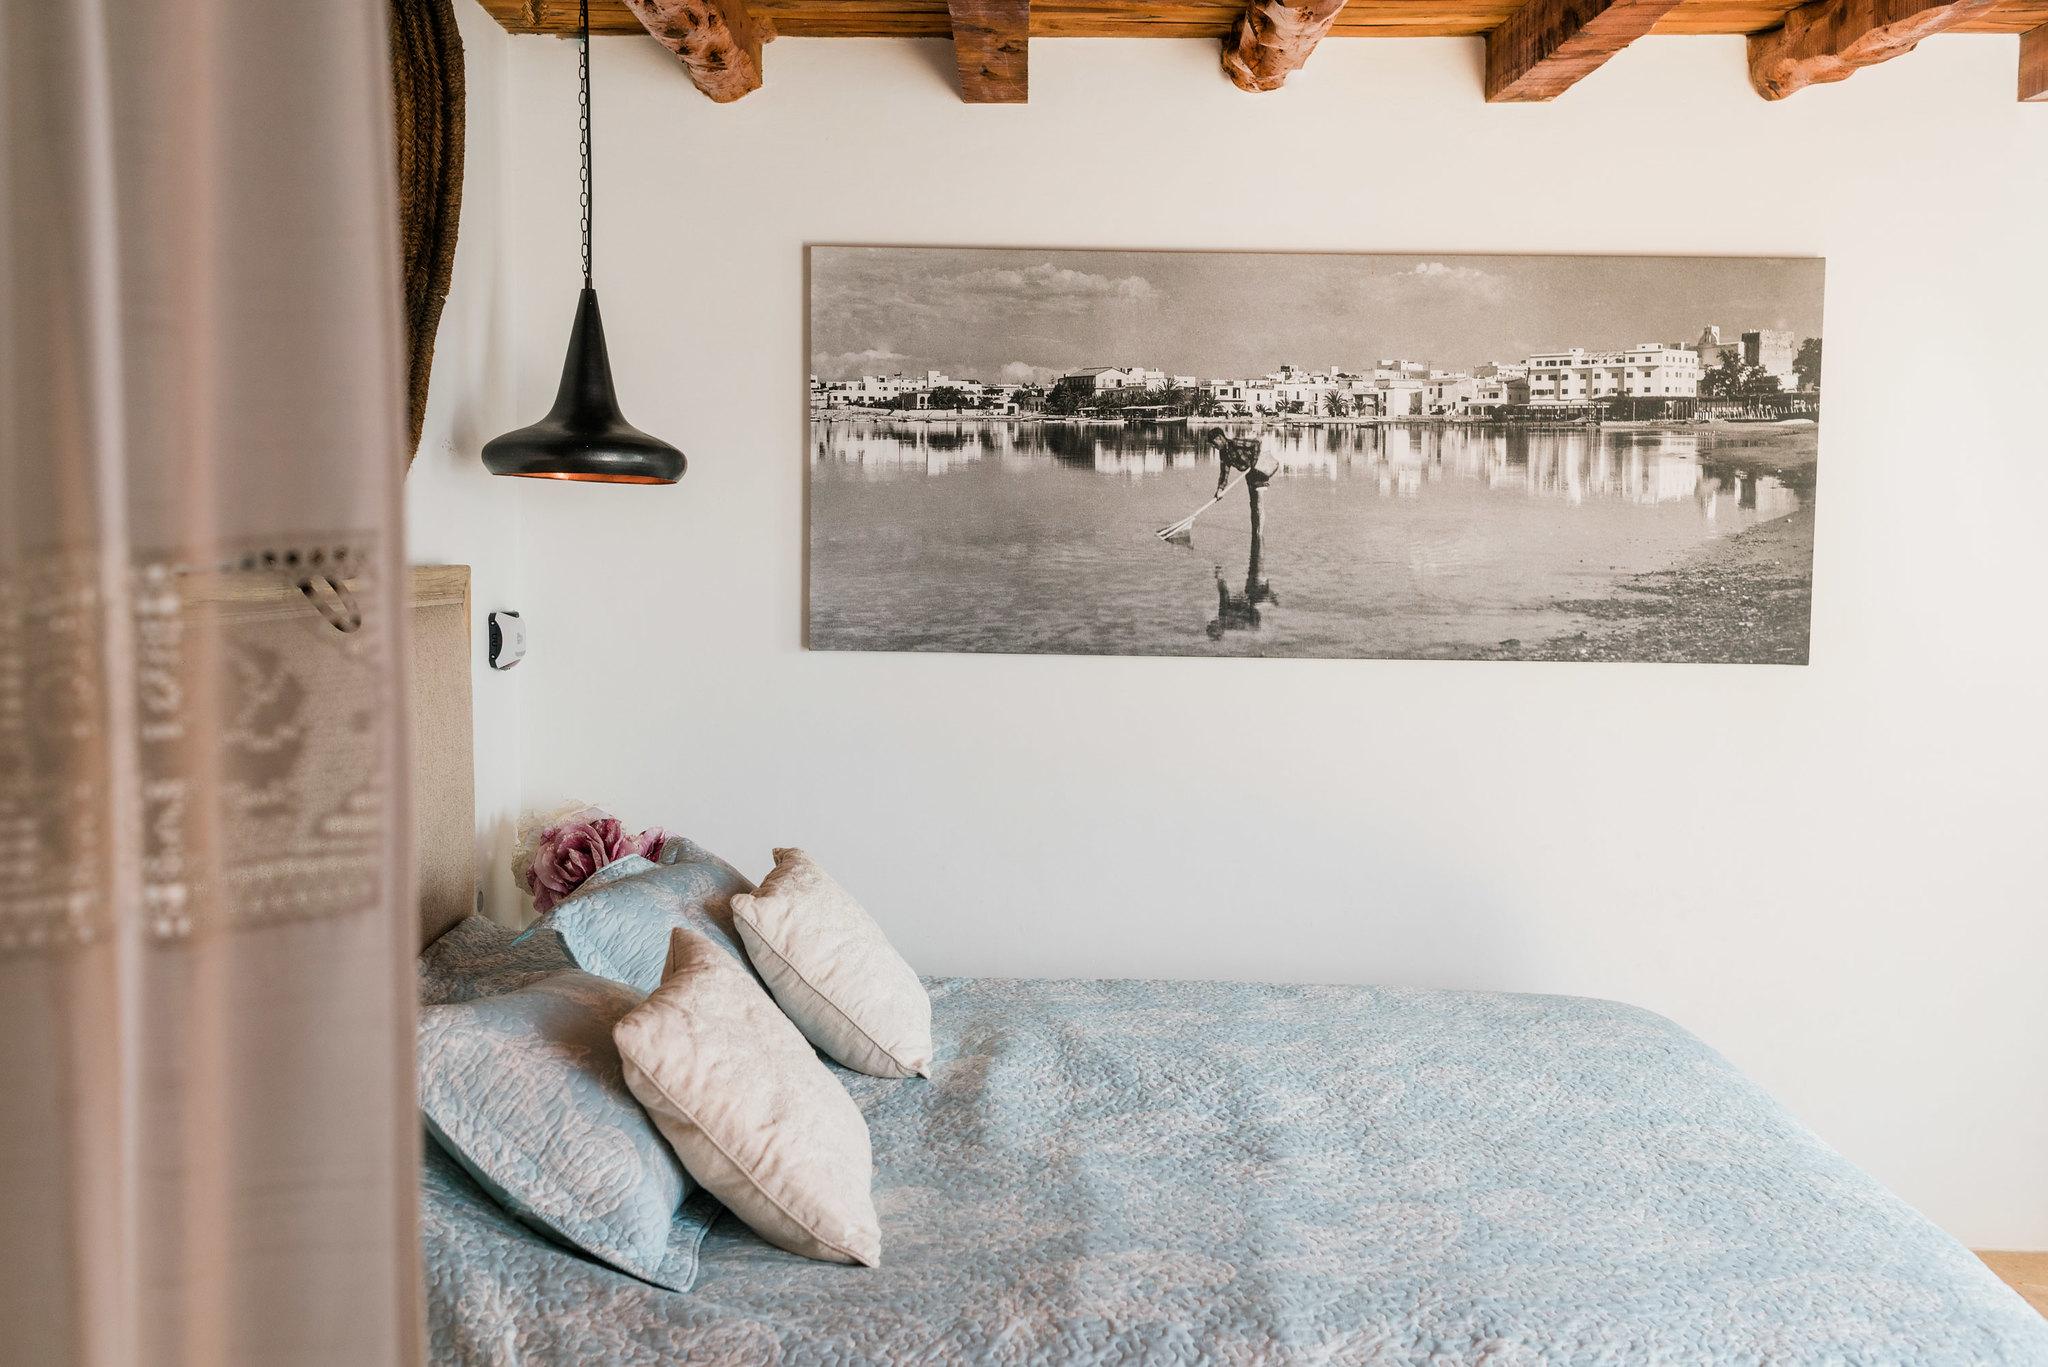 https://www.white-ibiza.com/wp-content/uploads/2020/06/white-ibiza-villas-los-corrales-interior-bedroom2.jpg